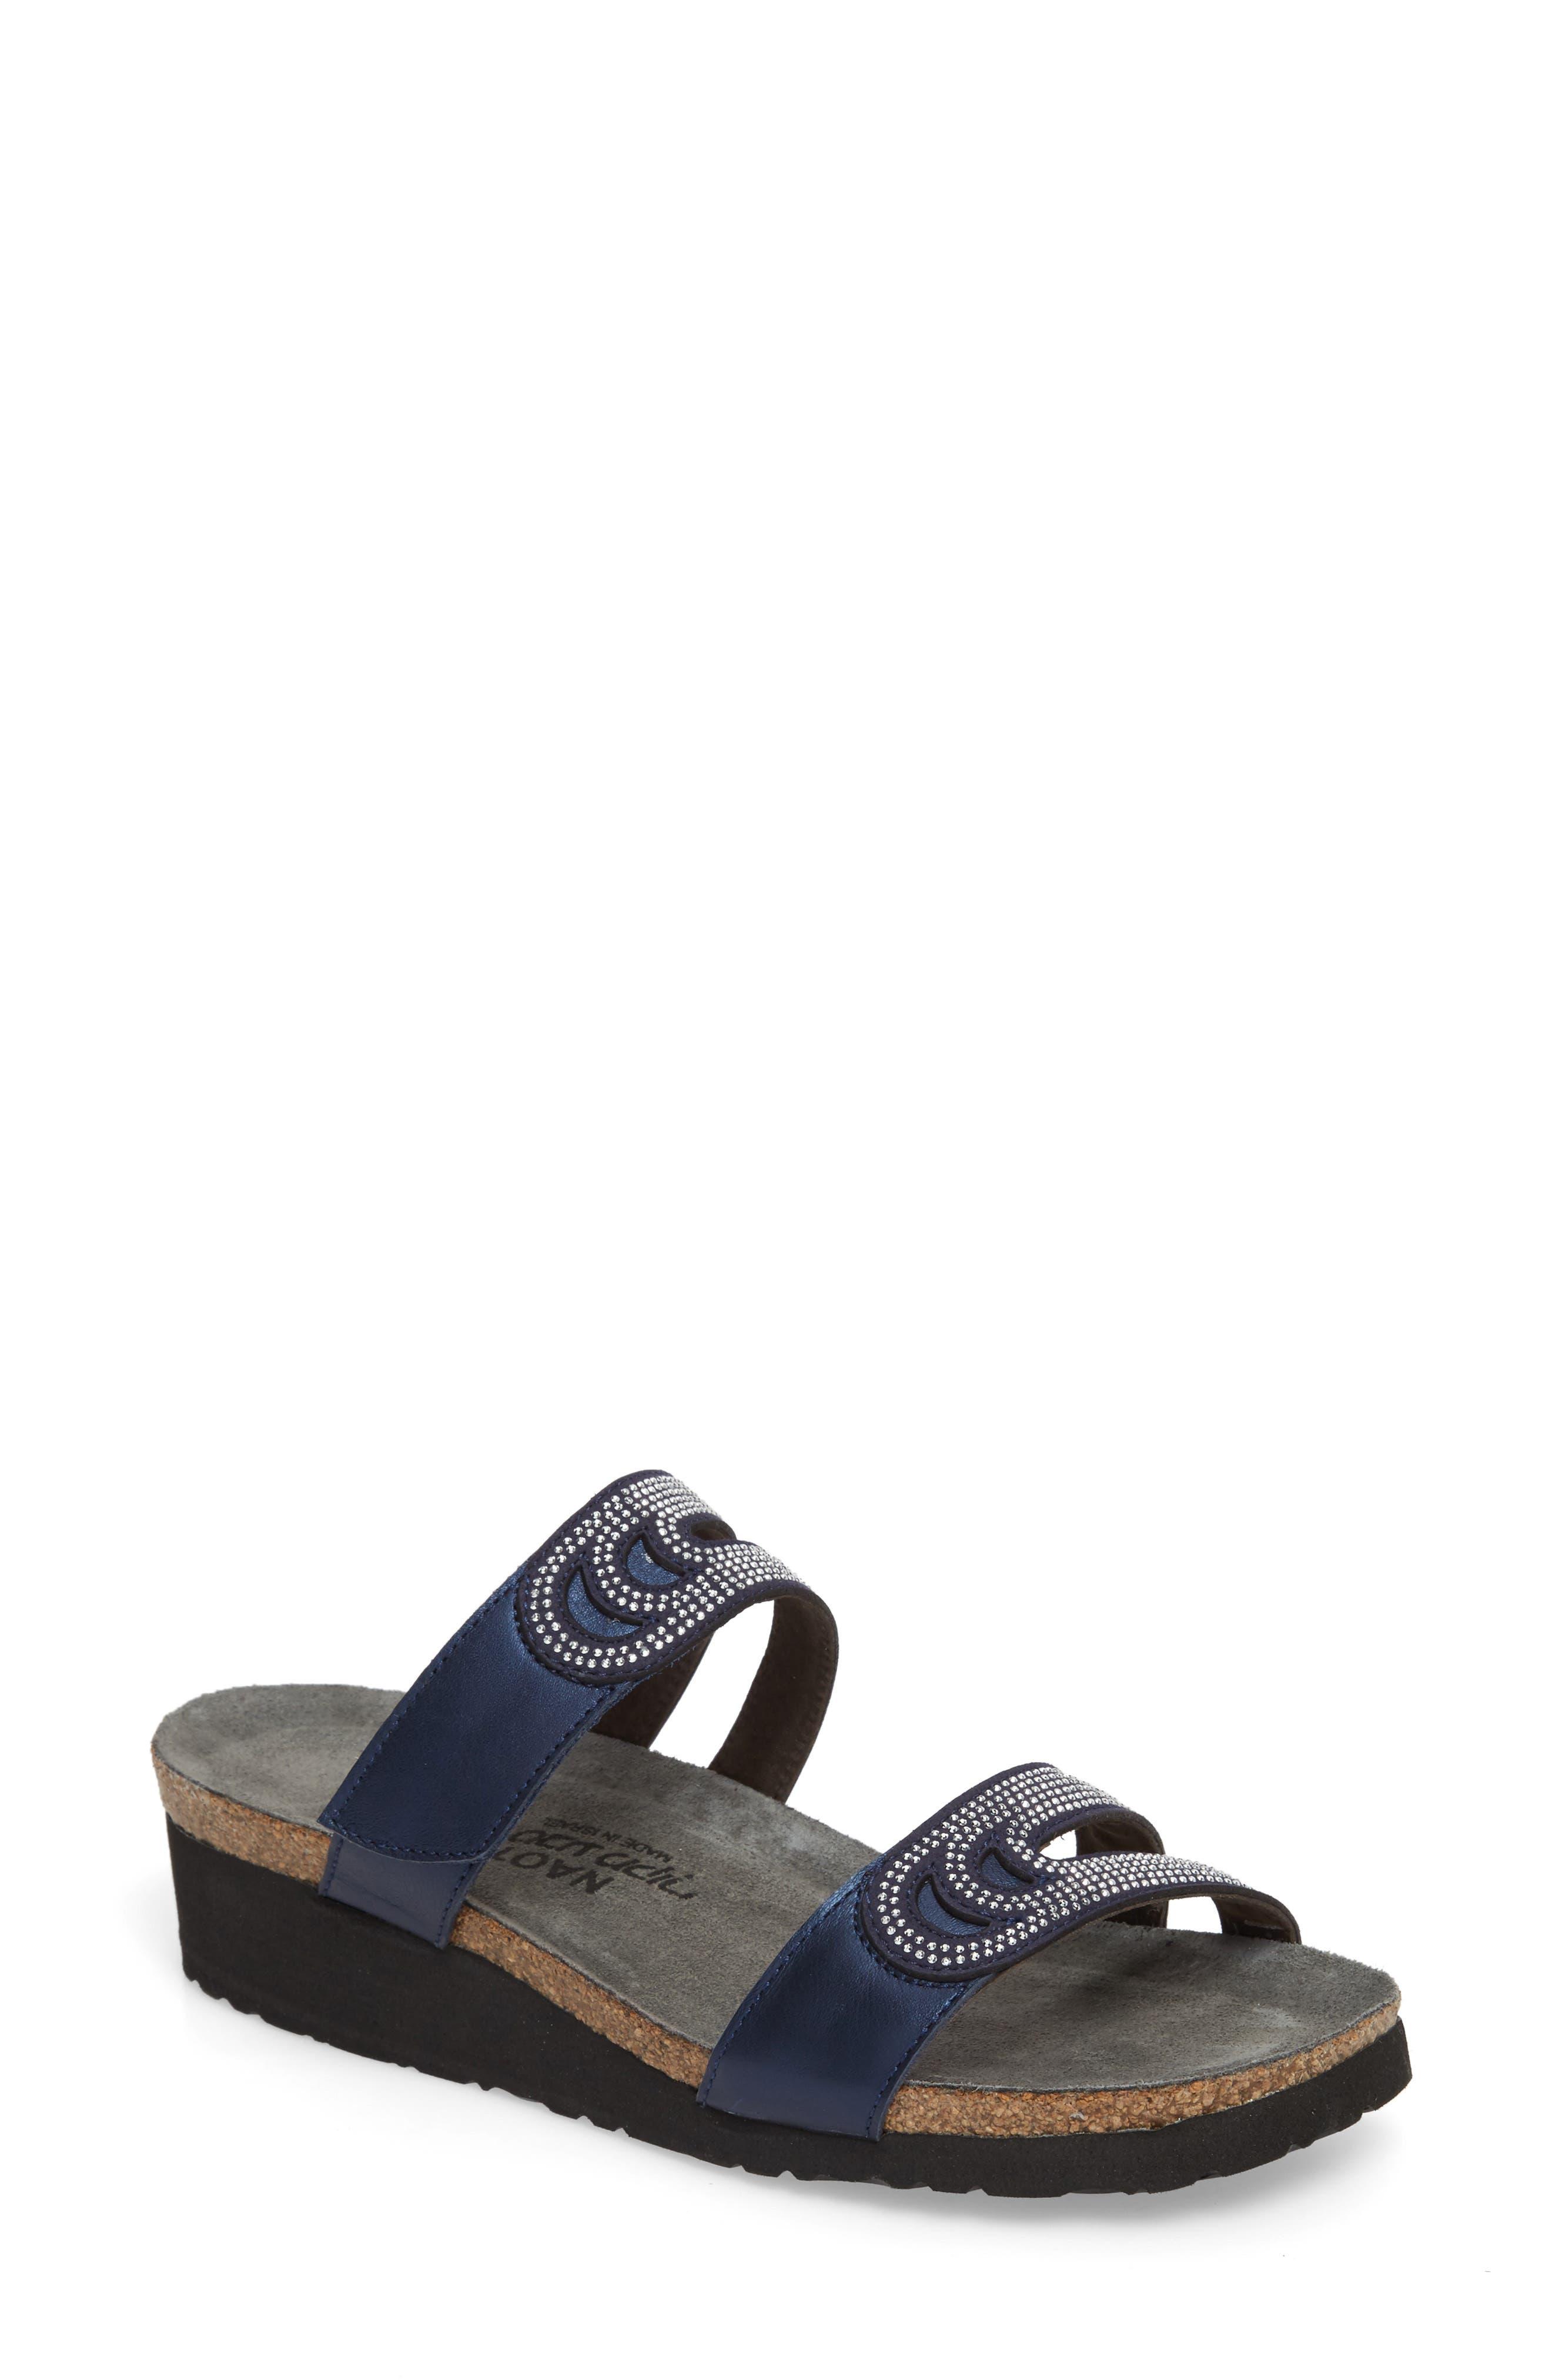 Ainsley Studded Slide Sandal,                             Main thumbnail 1, color,                             Polar Nubuck